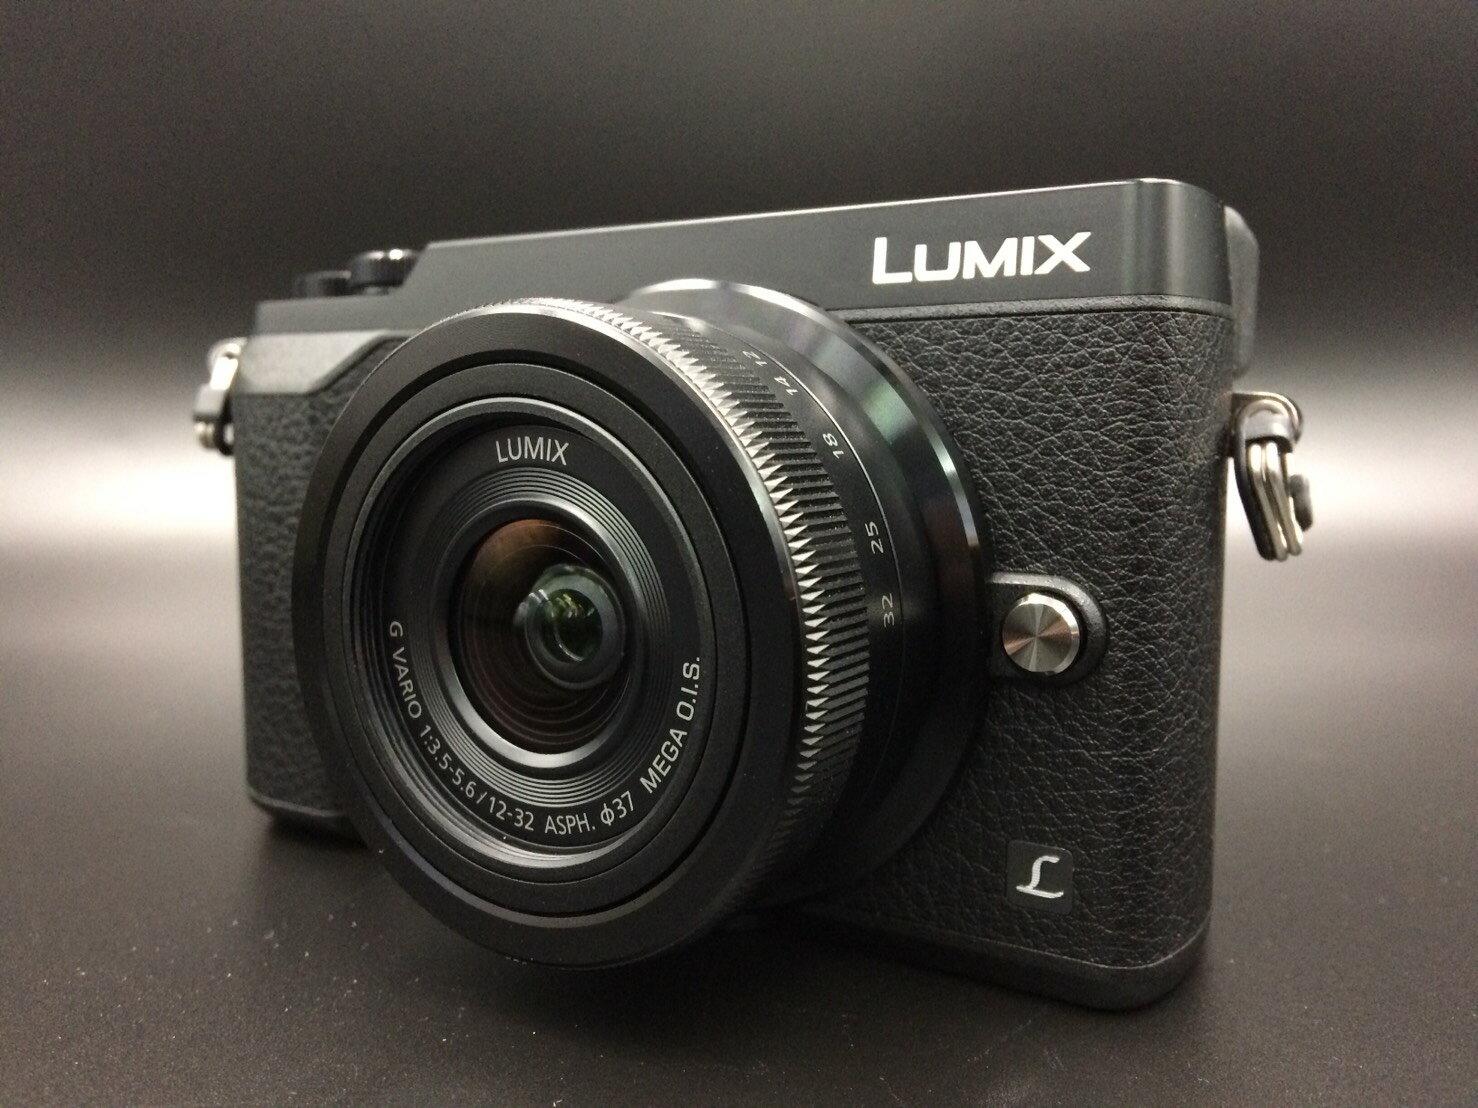 展示品 Panasonic パナソニック LUMIX DMC-GX7MK2K-K 標準ズームレンズキット [ブラック] メーカー保証1年付